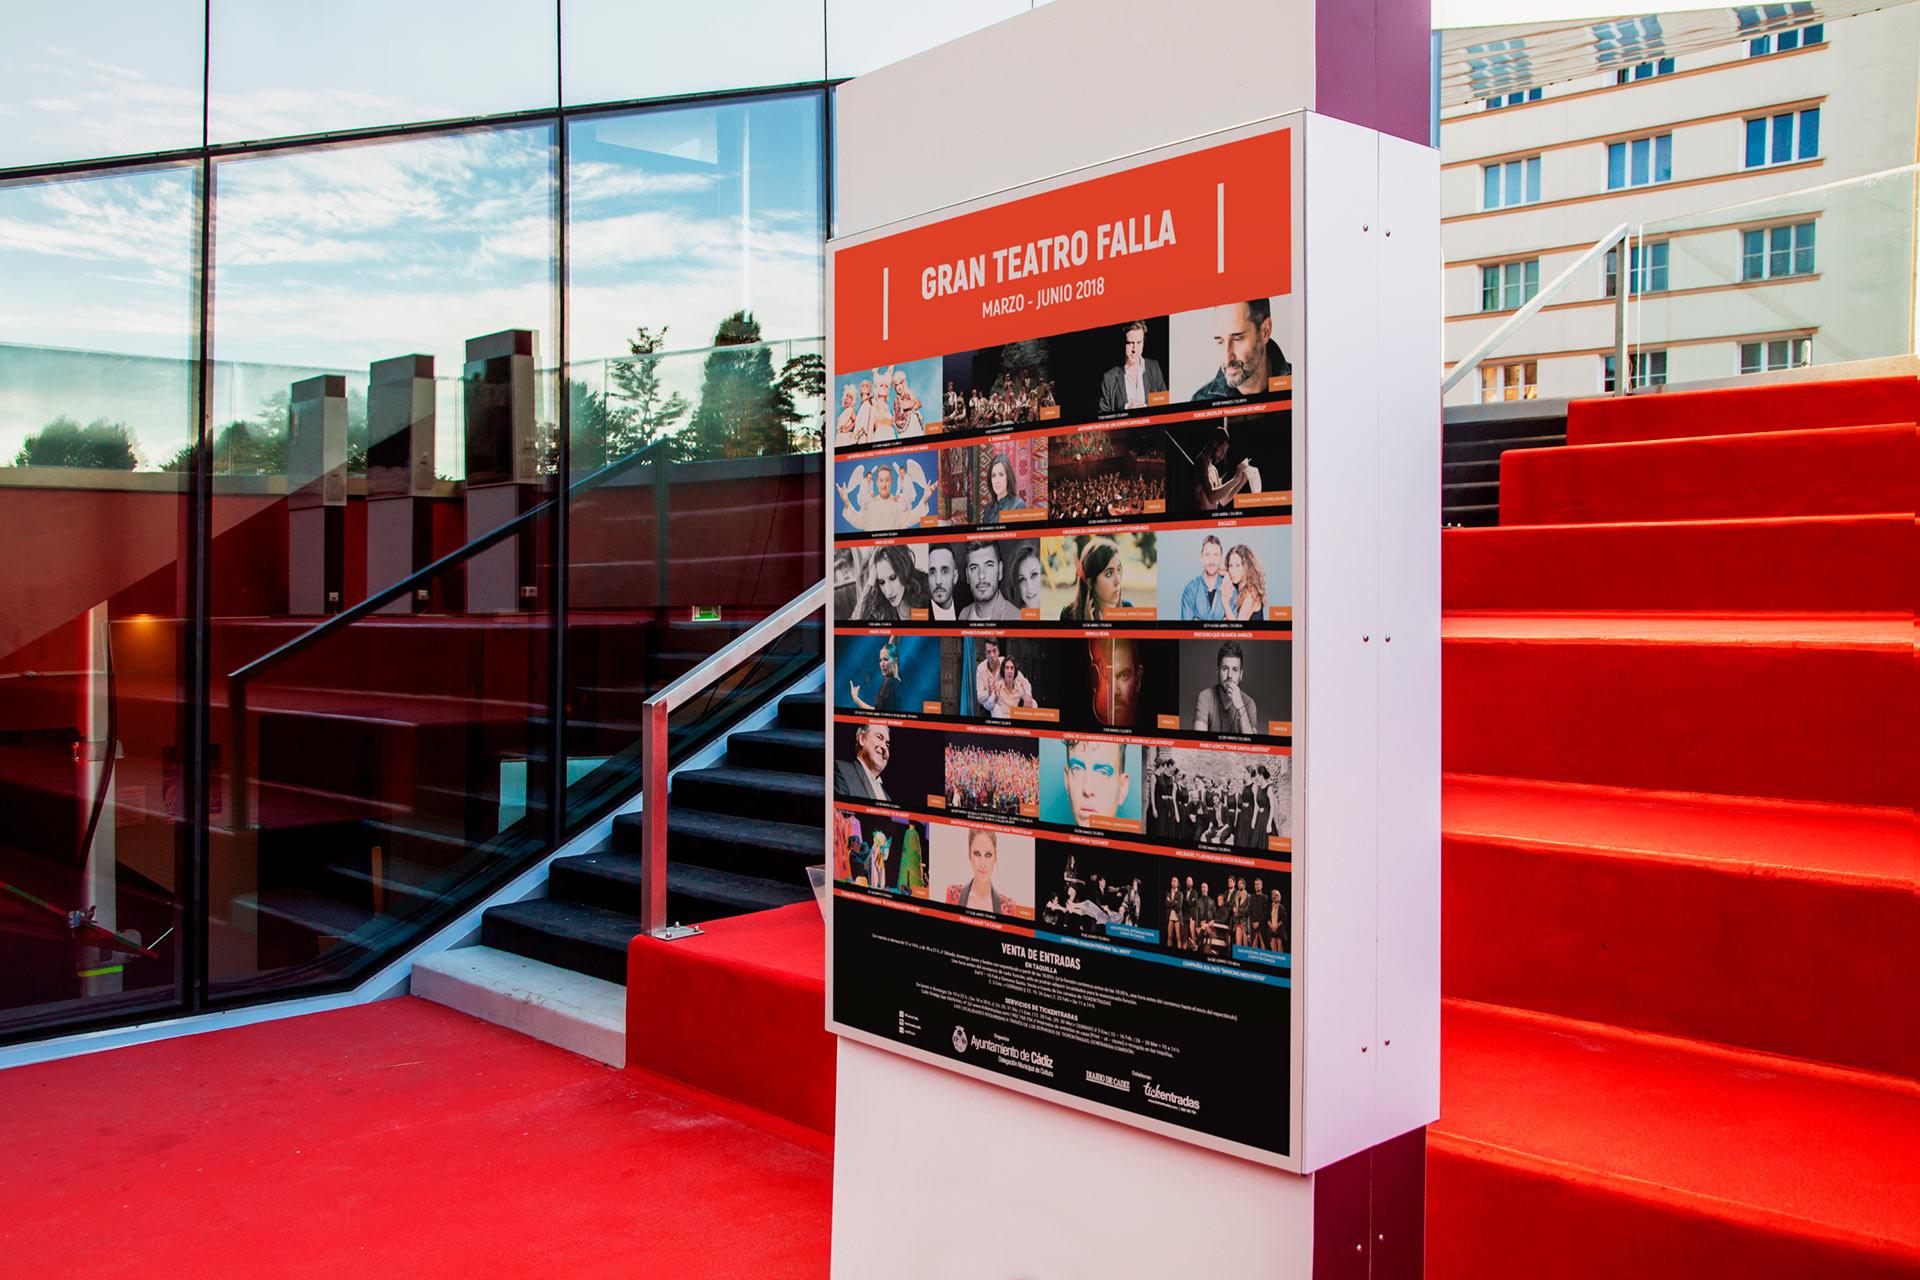 Cartel - Campaña de publicidad - Gran Teatro Falla (Marzo - Junio 2018)